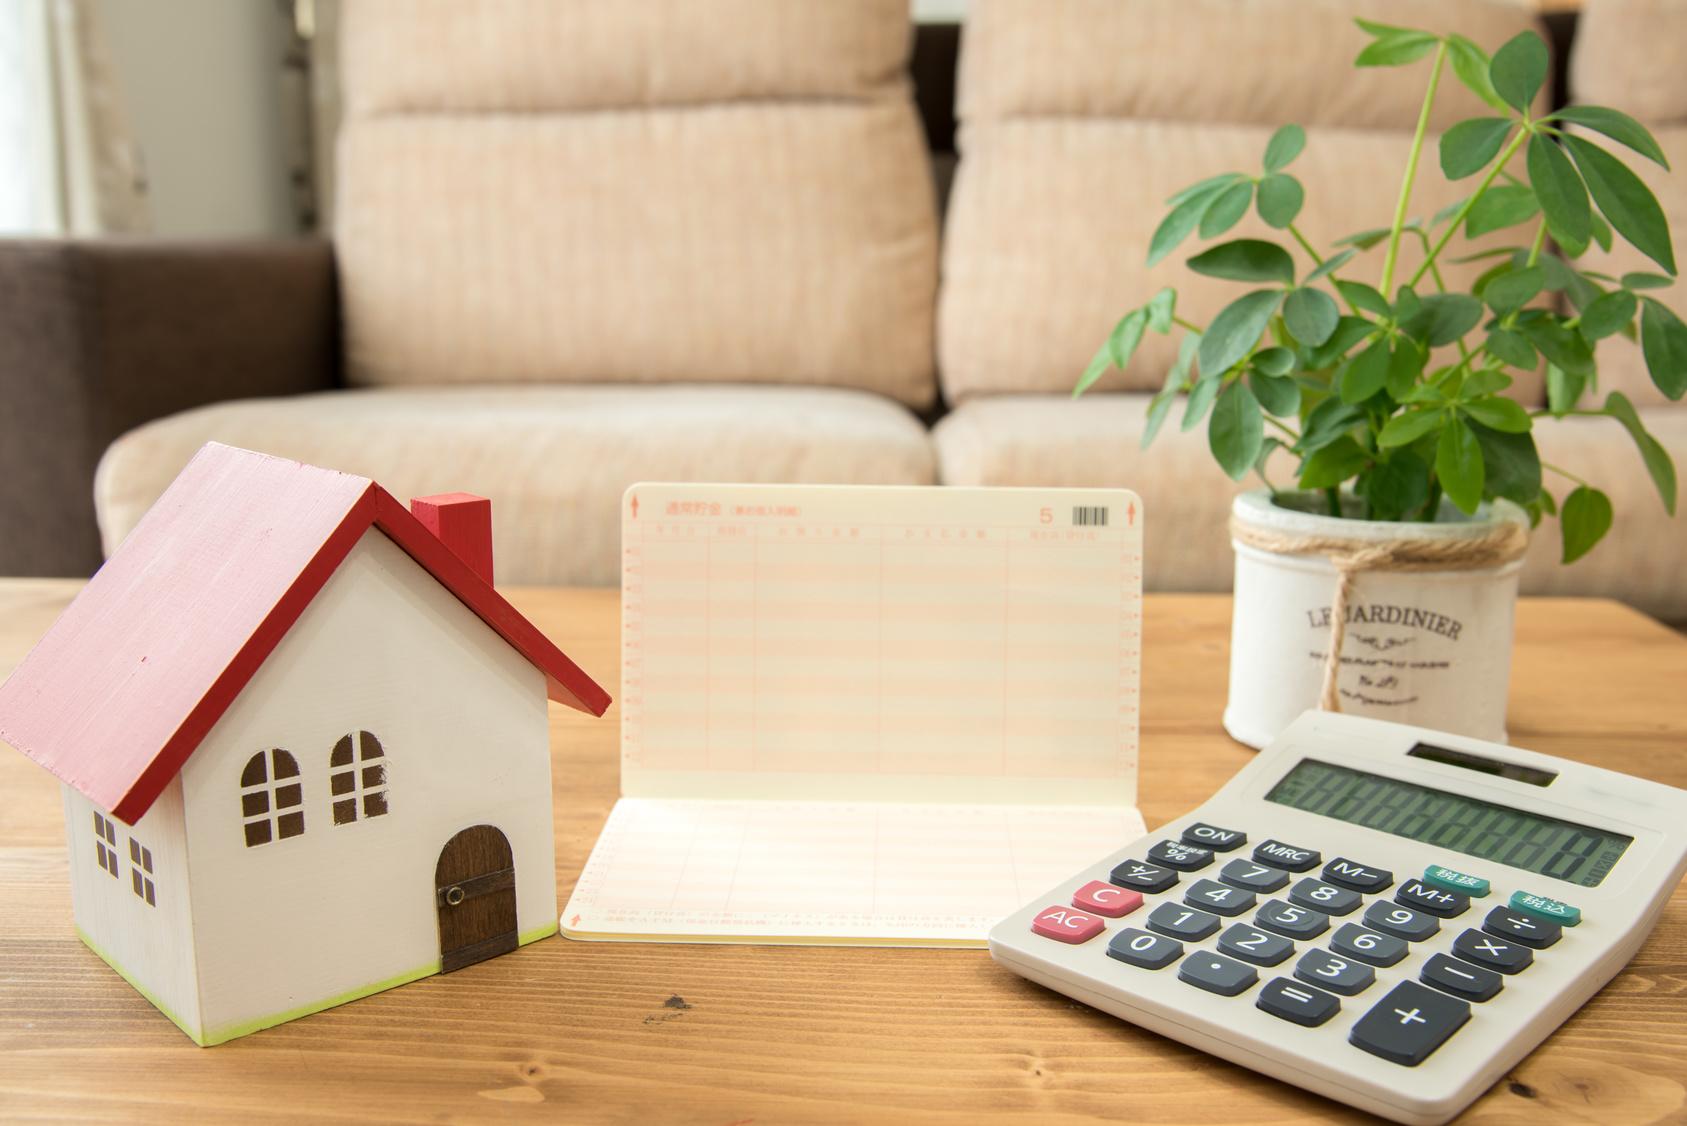 相続財産の種類やかかる税金は?遺留分や目録についても解説!